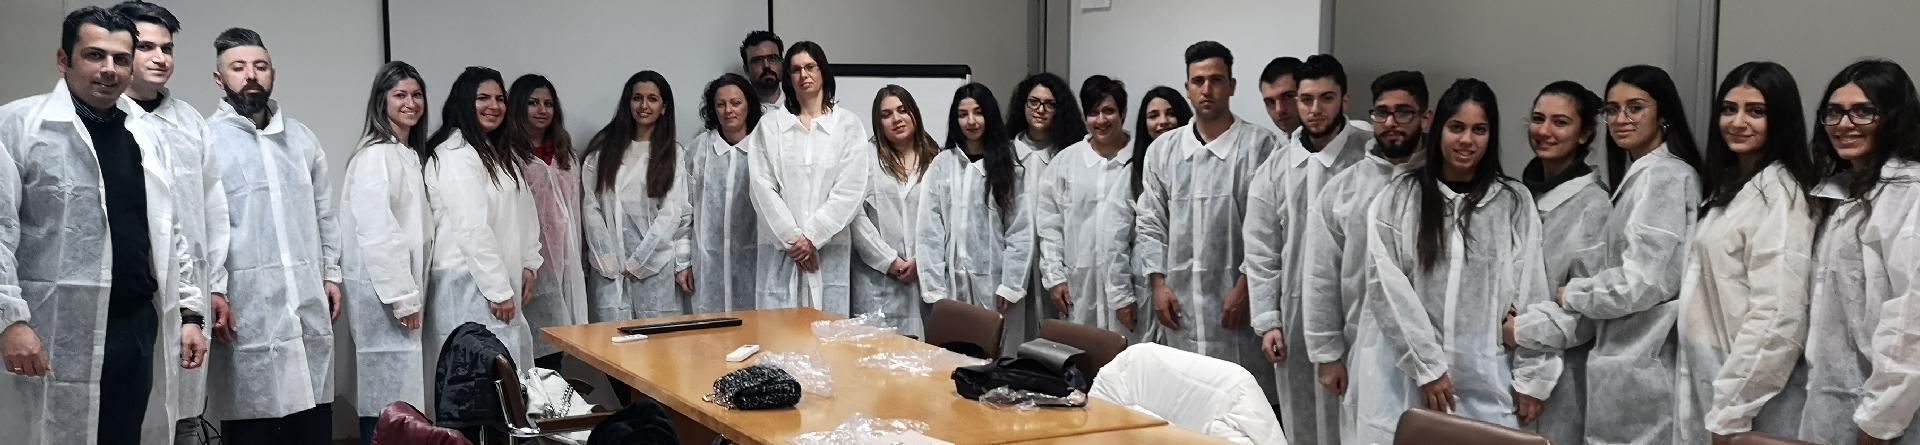 Εκπαιδευτική Επίσκεψη φοιτητών στη Φαρμακοβιομηχανία REMEDICA LTD